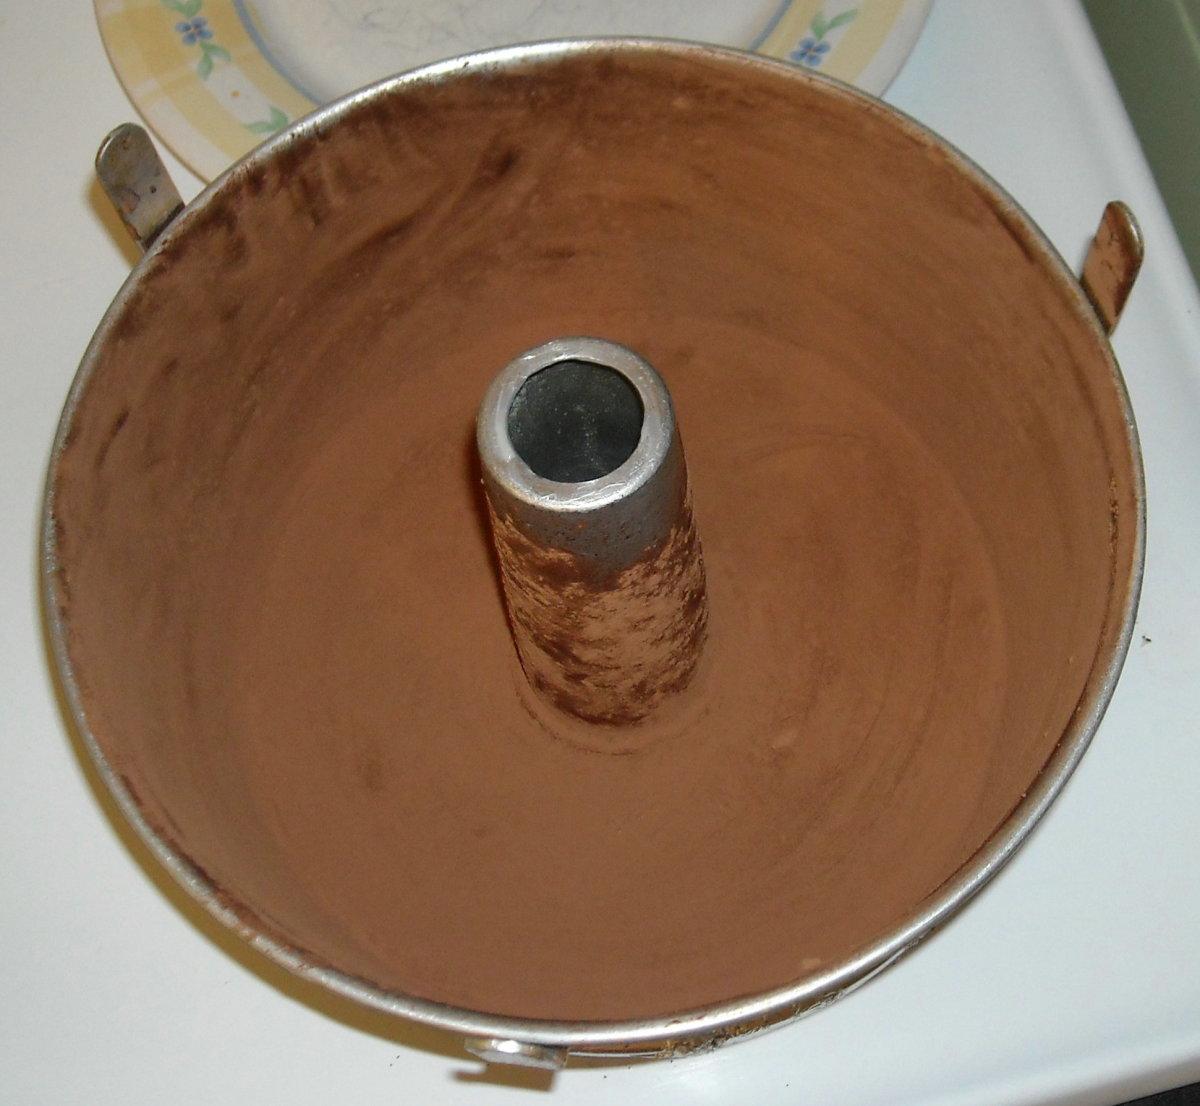 preparing a bundt pan